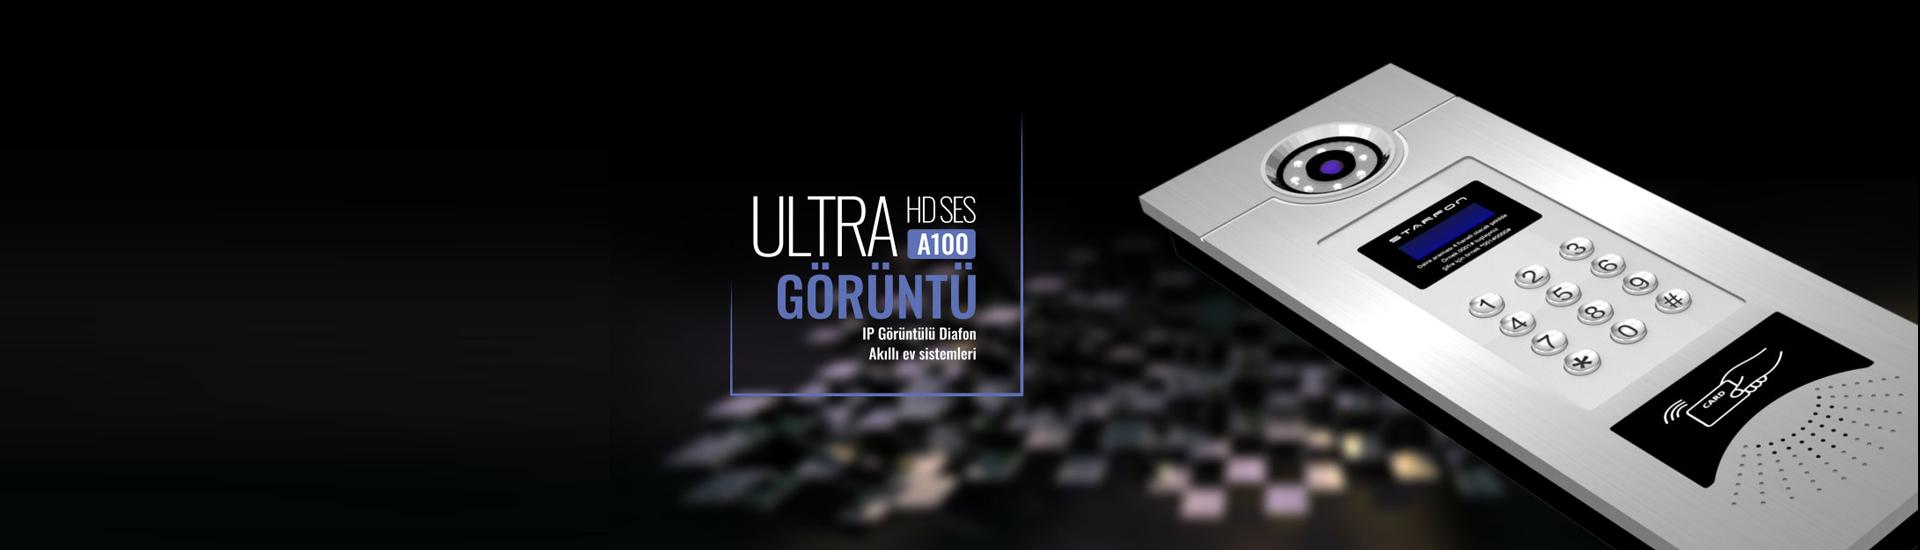 STARFON ULTRA HD